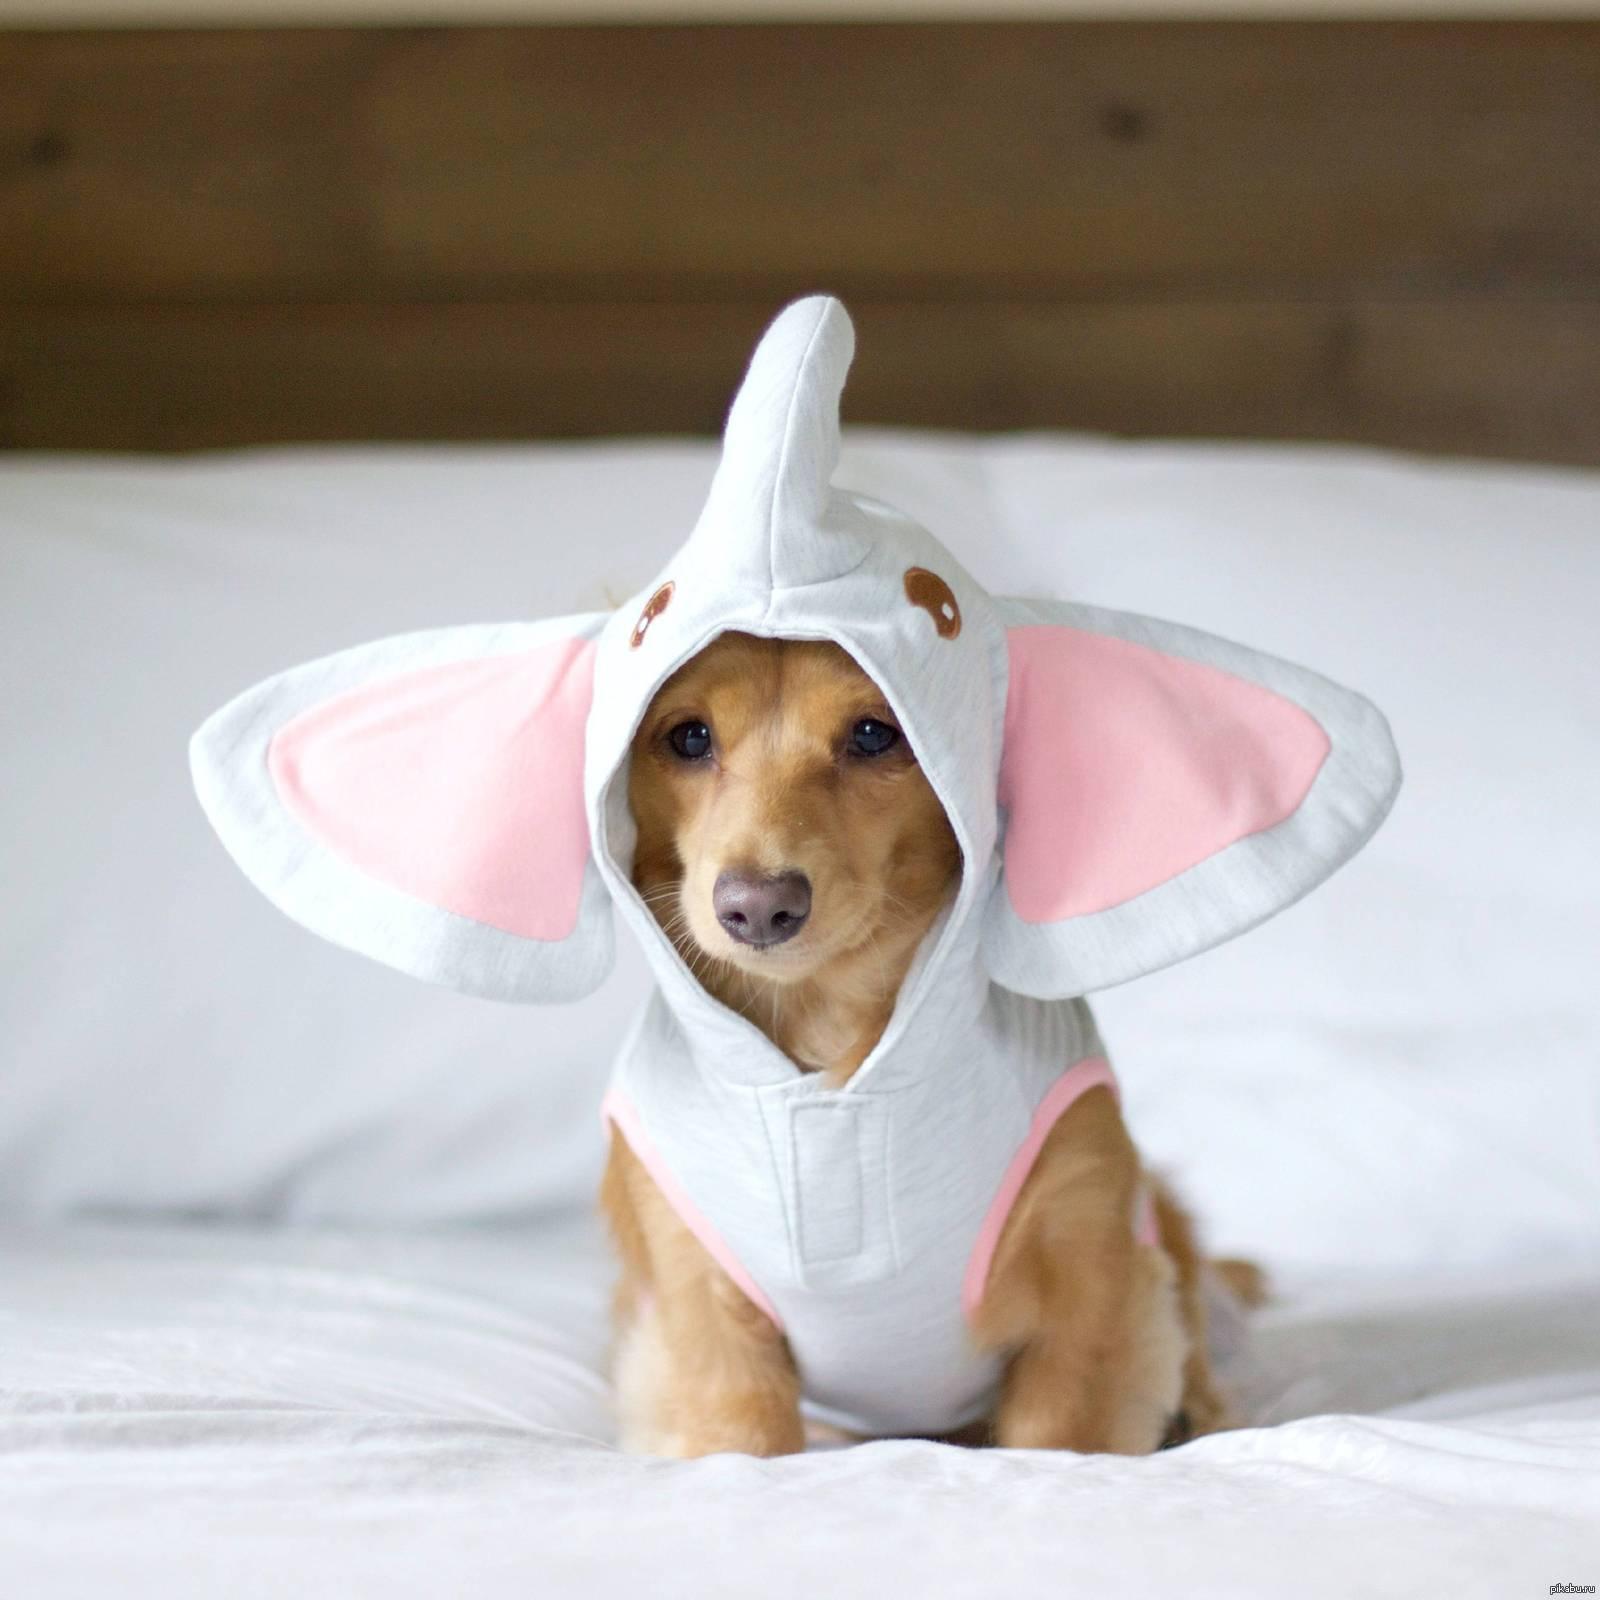 Картинки собак и щенков смешных, день рождения